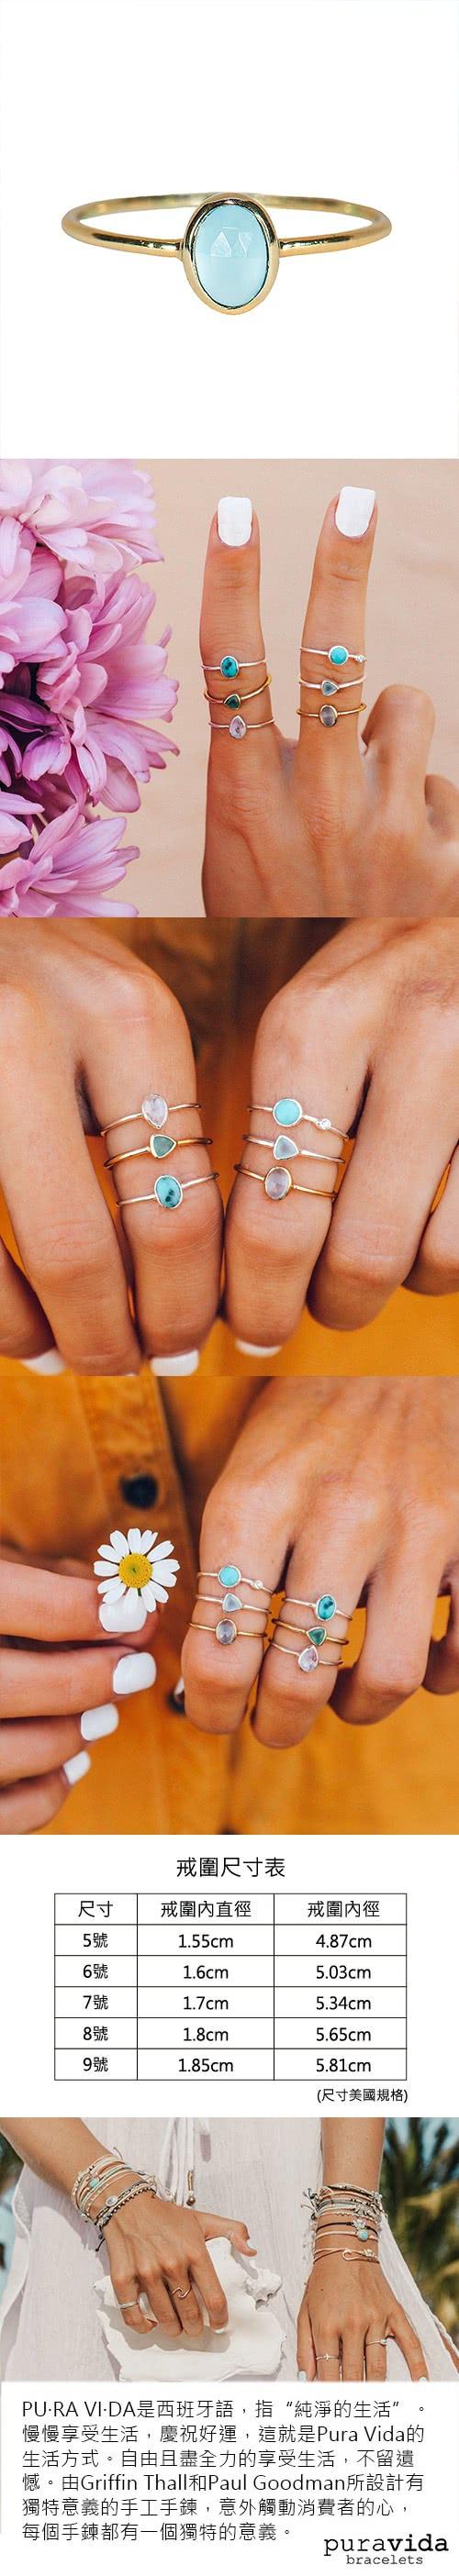 (複製)Pura Vida 美國手工 ROSE GOLD WAVE波浪造型 玫瑰金戒指